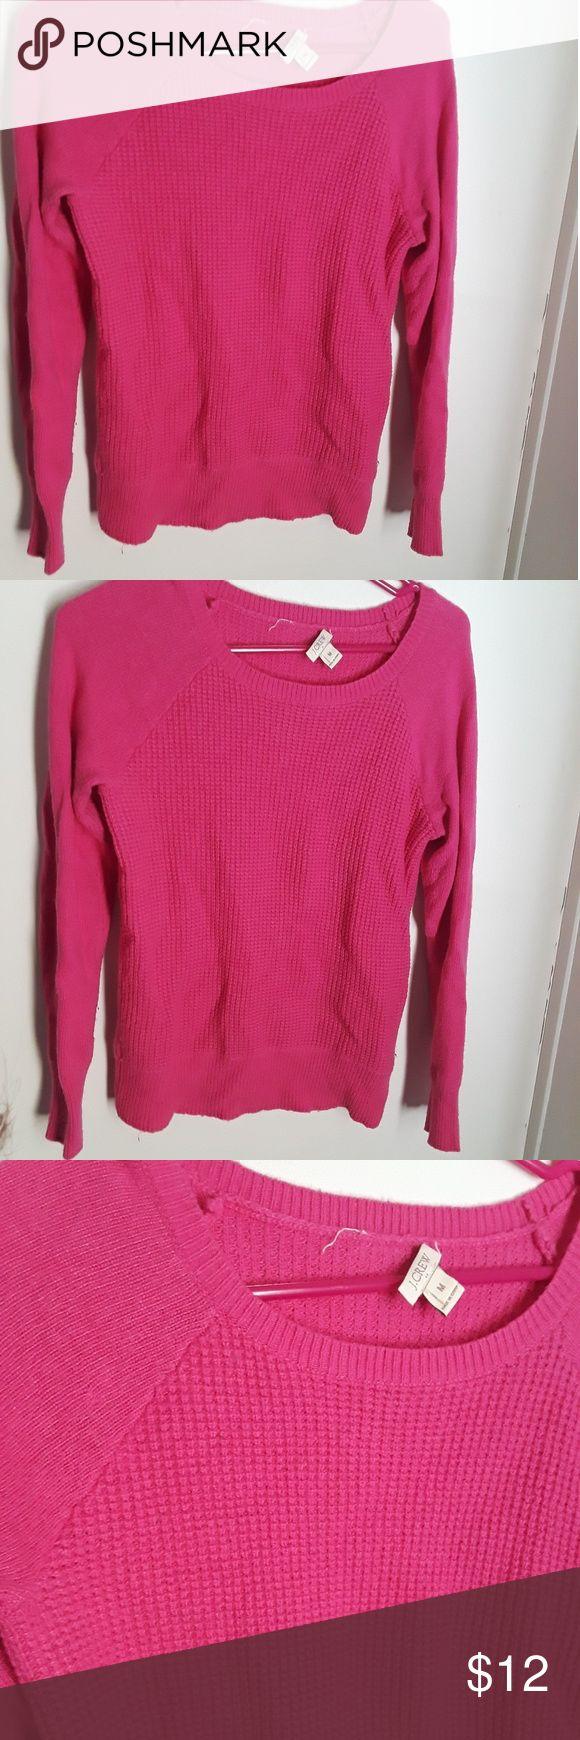 Best 25  Hot pink sweater ideas on Pinterest   Hot pink shirt ...